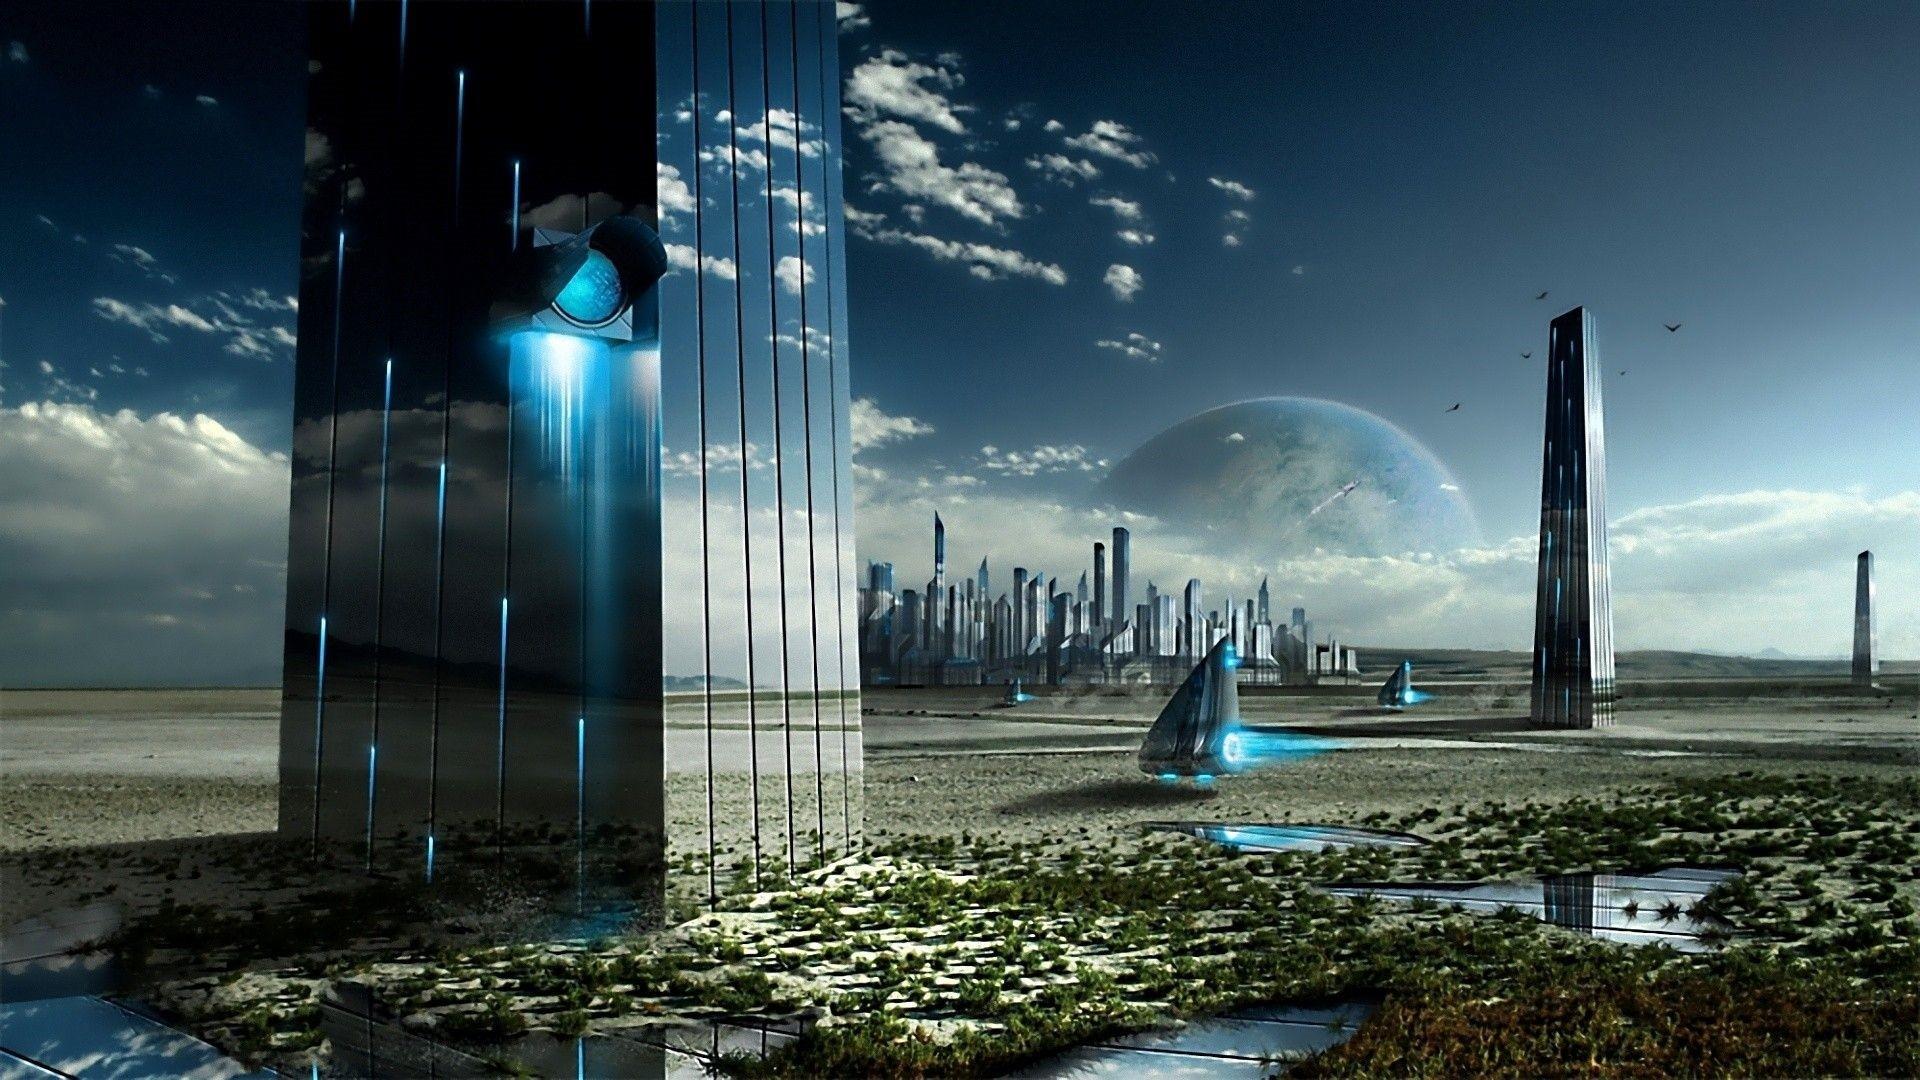 Futuristic Background Wallpaper